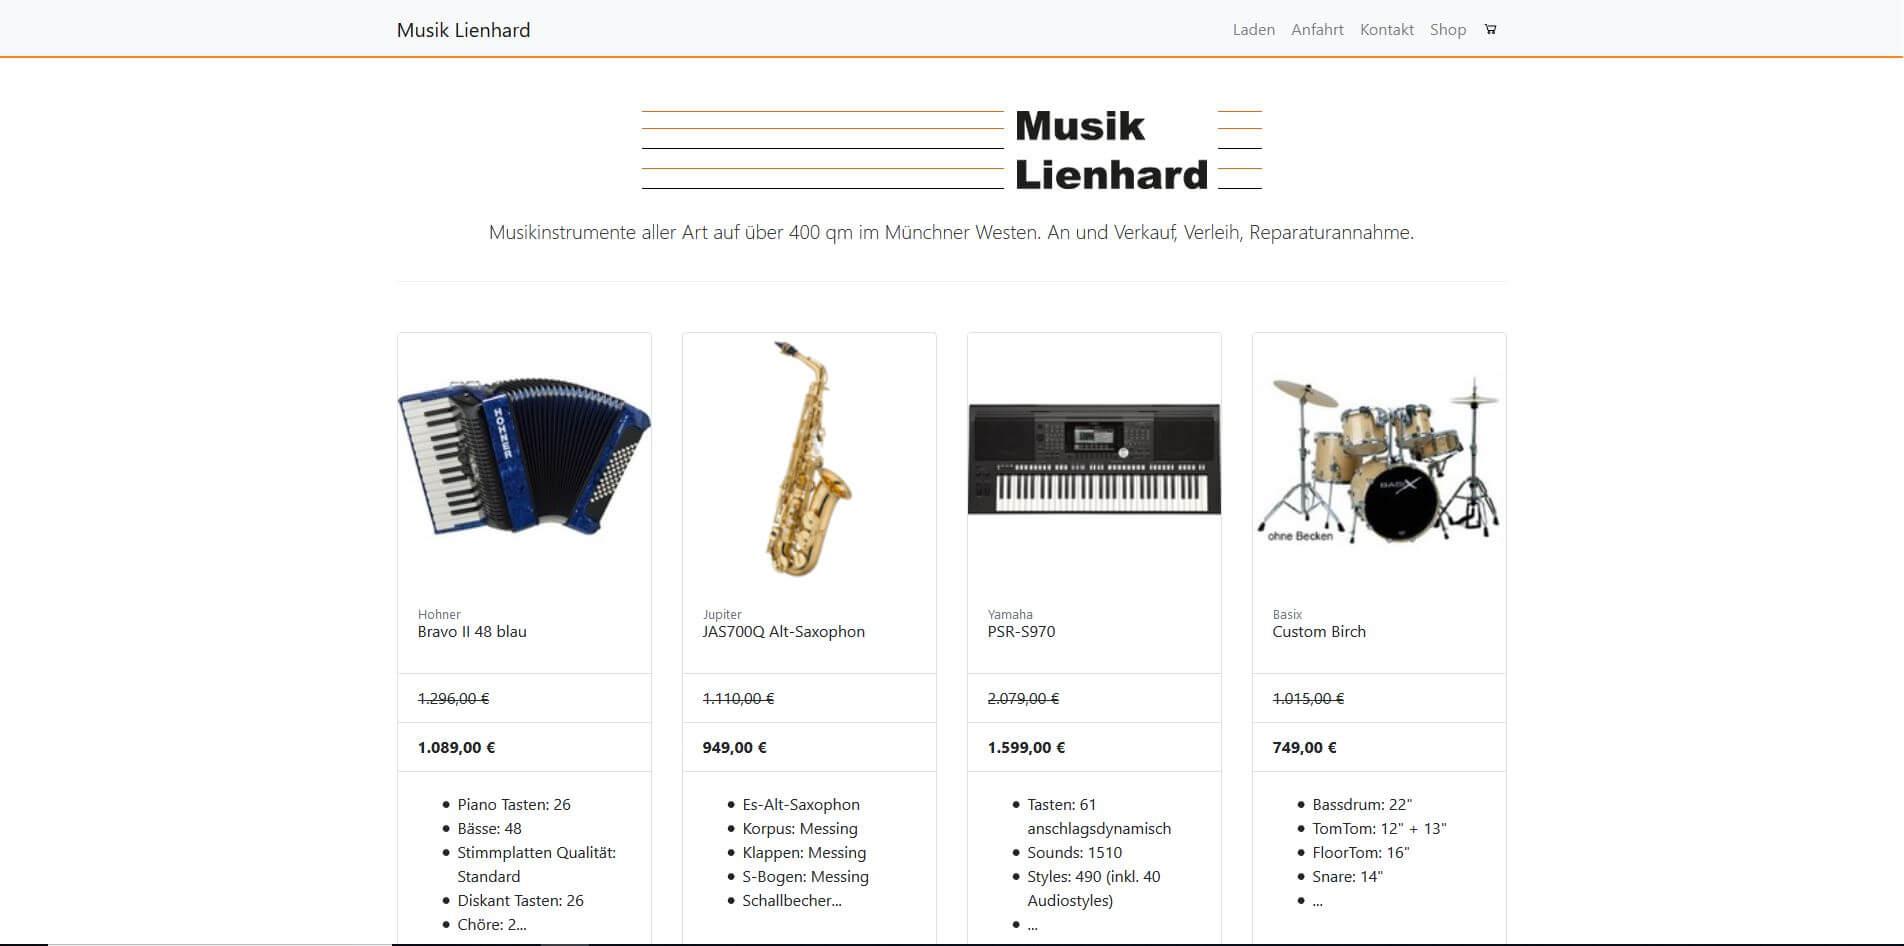 Gitarrenladen München Musik Lienhard